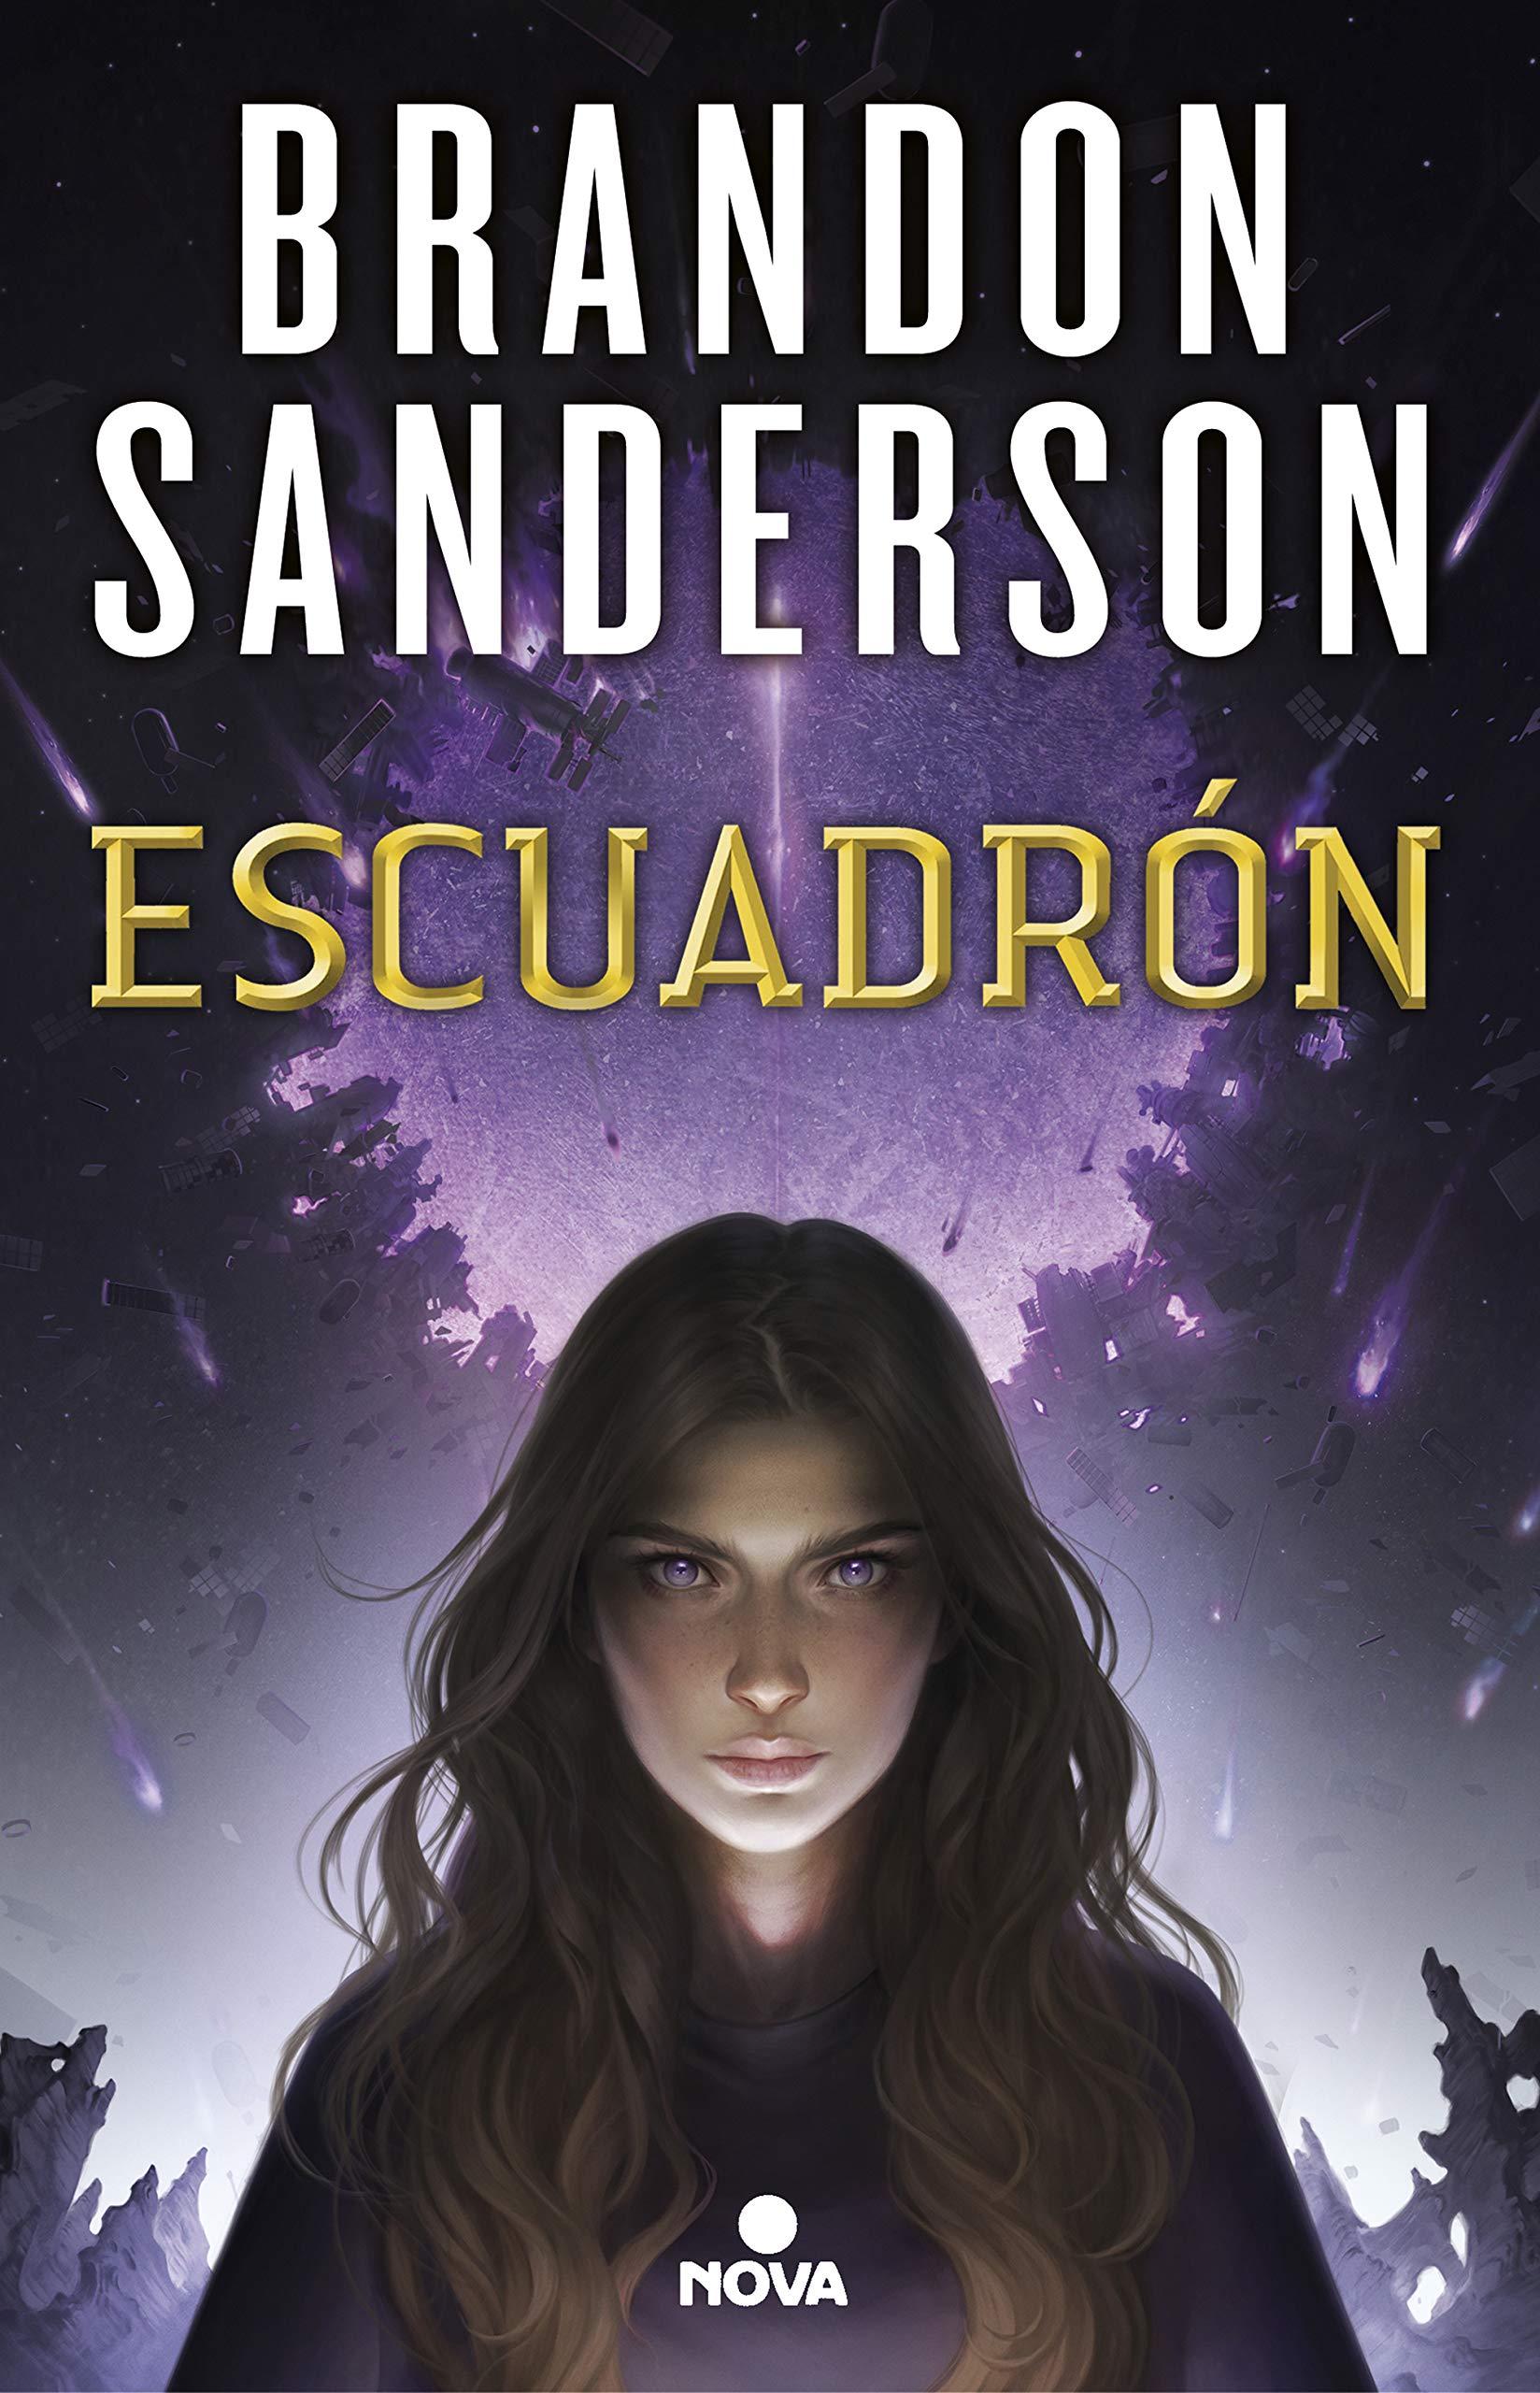 Escuadrón (Nova) Tapa blanda – 8 nov 2018 Brandon Sanderson 8417347275 Science fiction